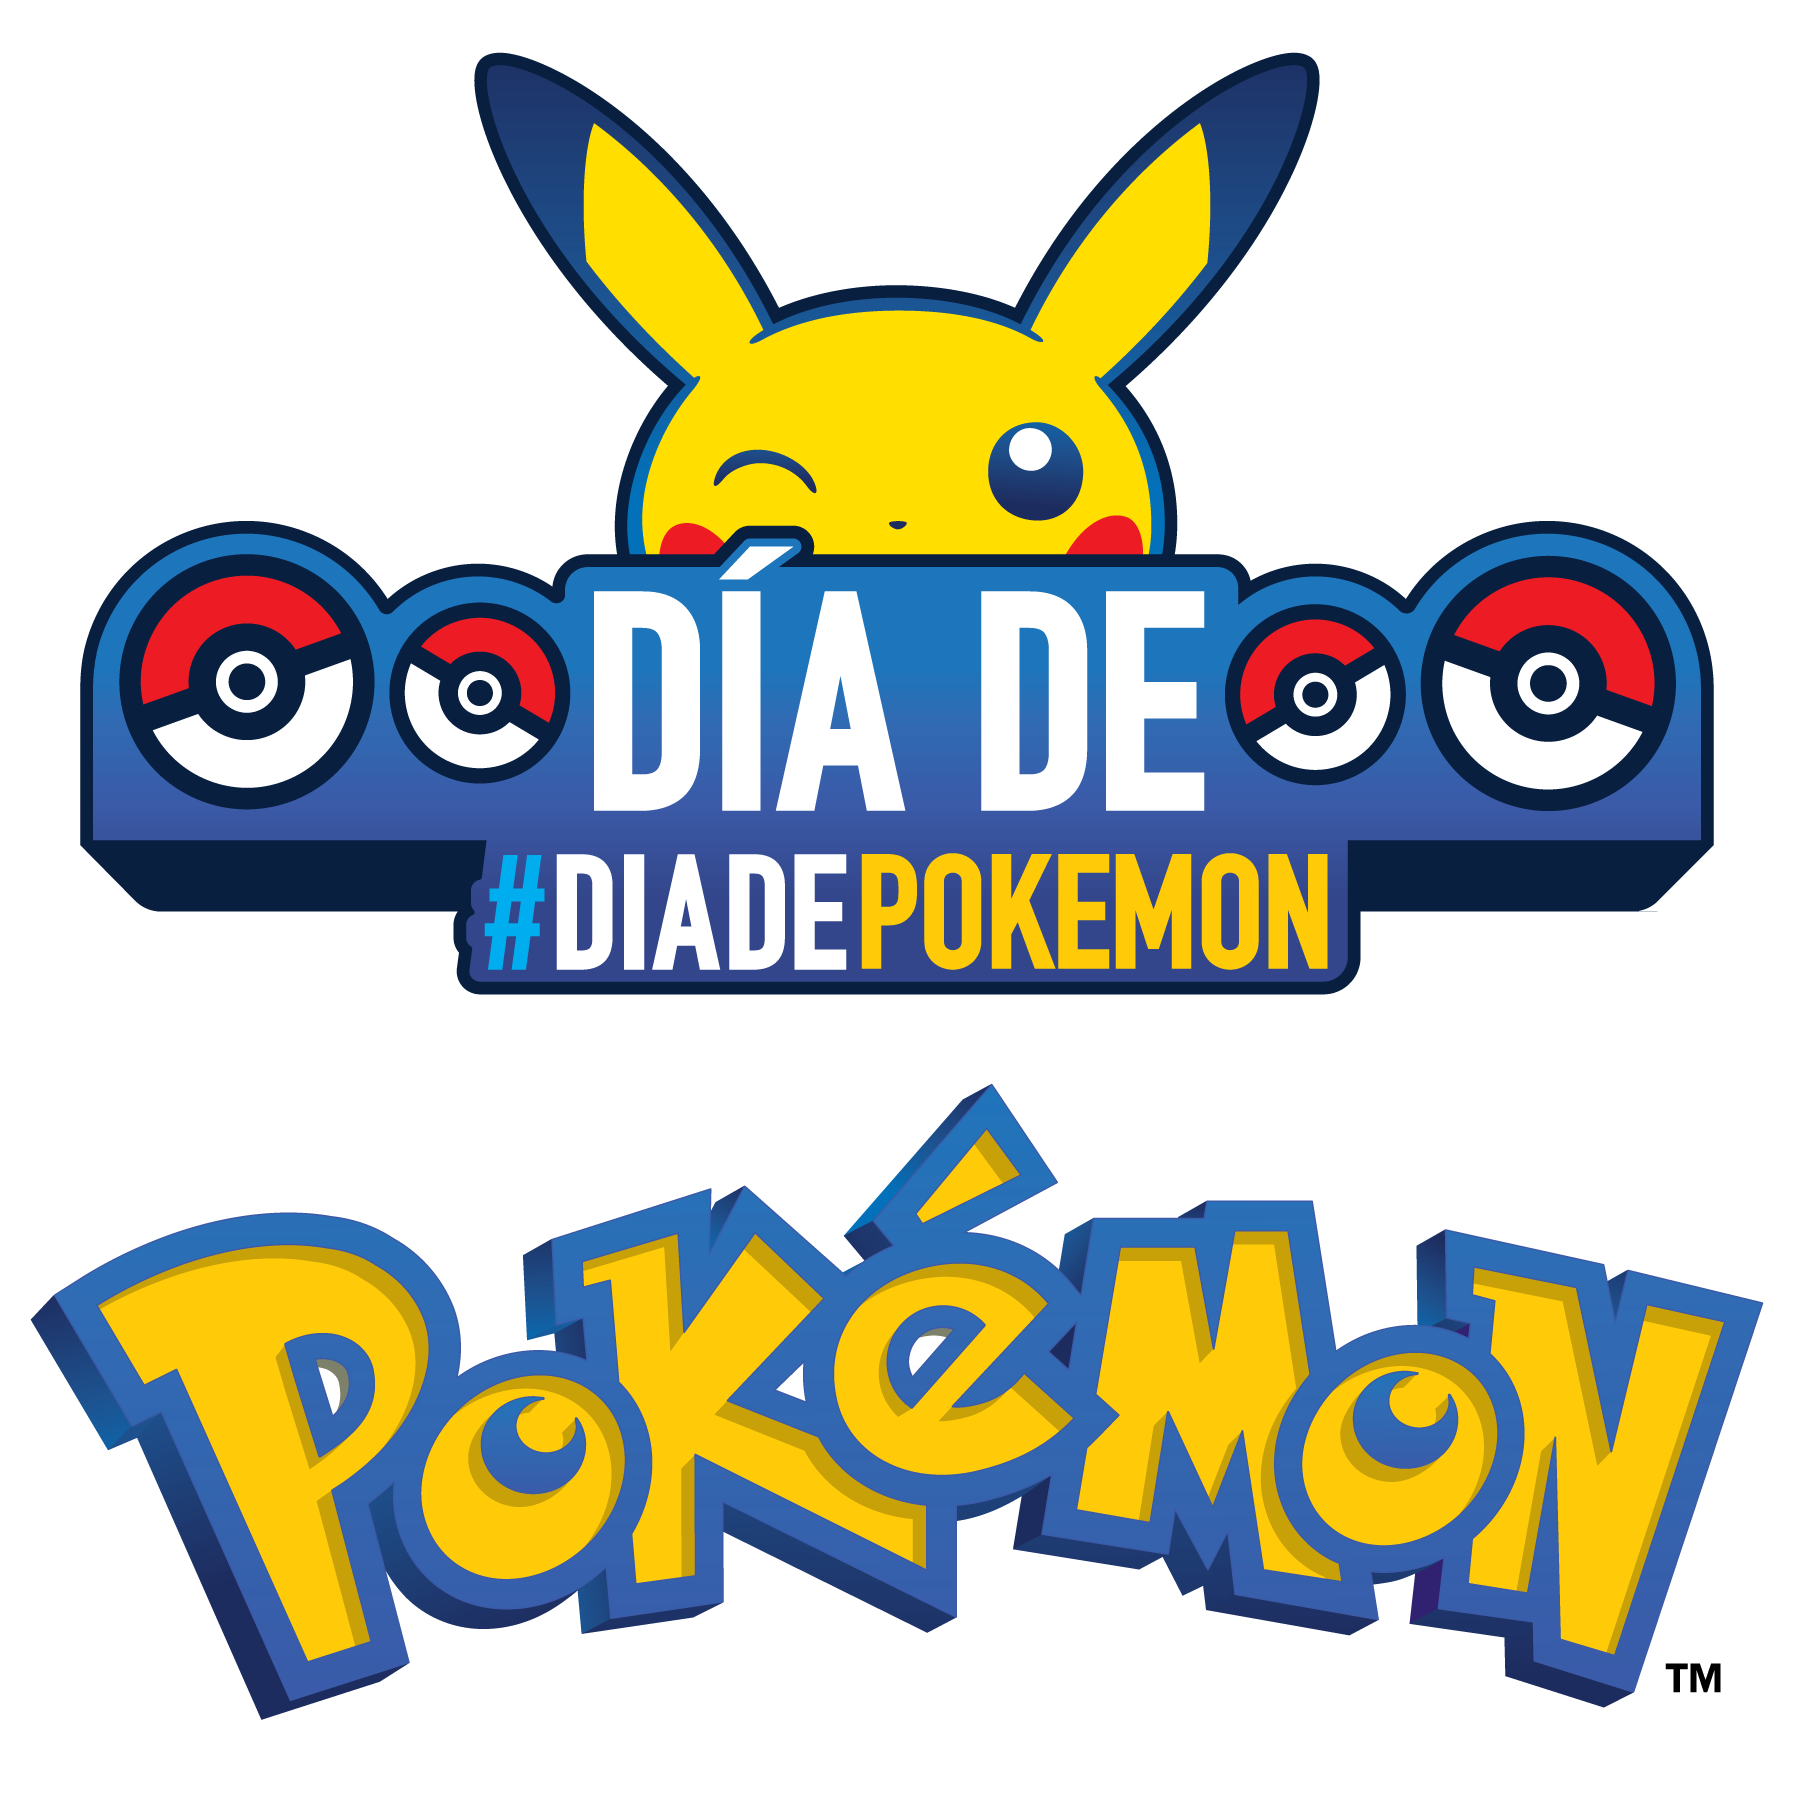 Neox celebra este sábado en Kidz el día Pokémon